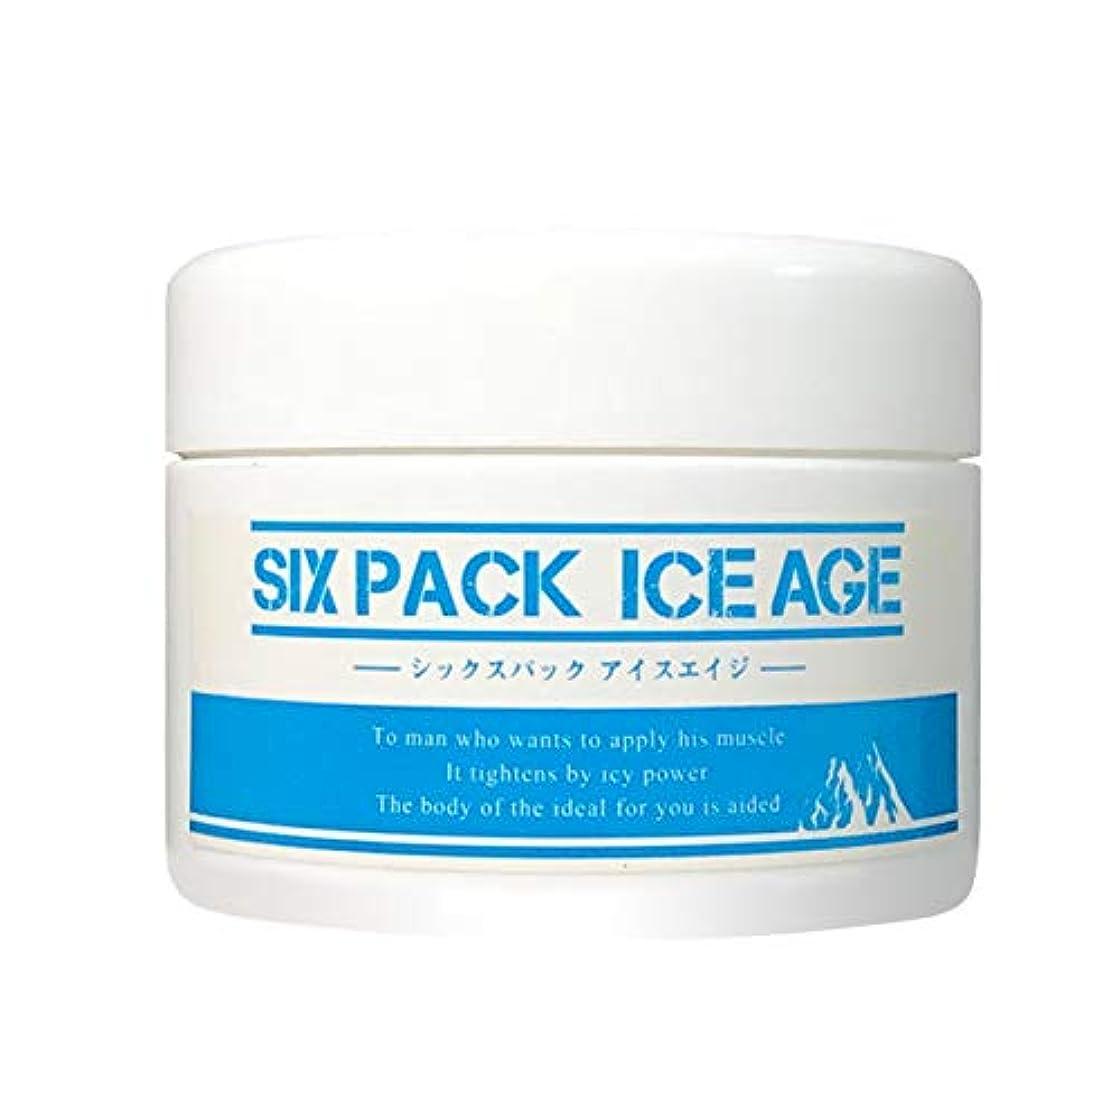 記念ラケット必要とするSIX PACK ICE AGE (シックスパックアイスエイジ) 冷却 マッサージクリーム (日本製) クール素材 シックスパックアイスエイジ (内容量200g)